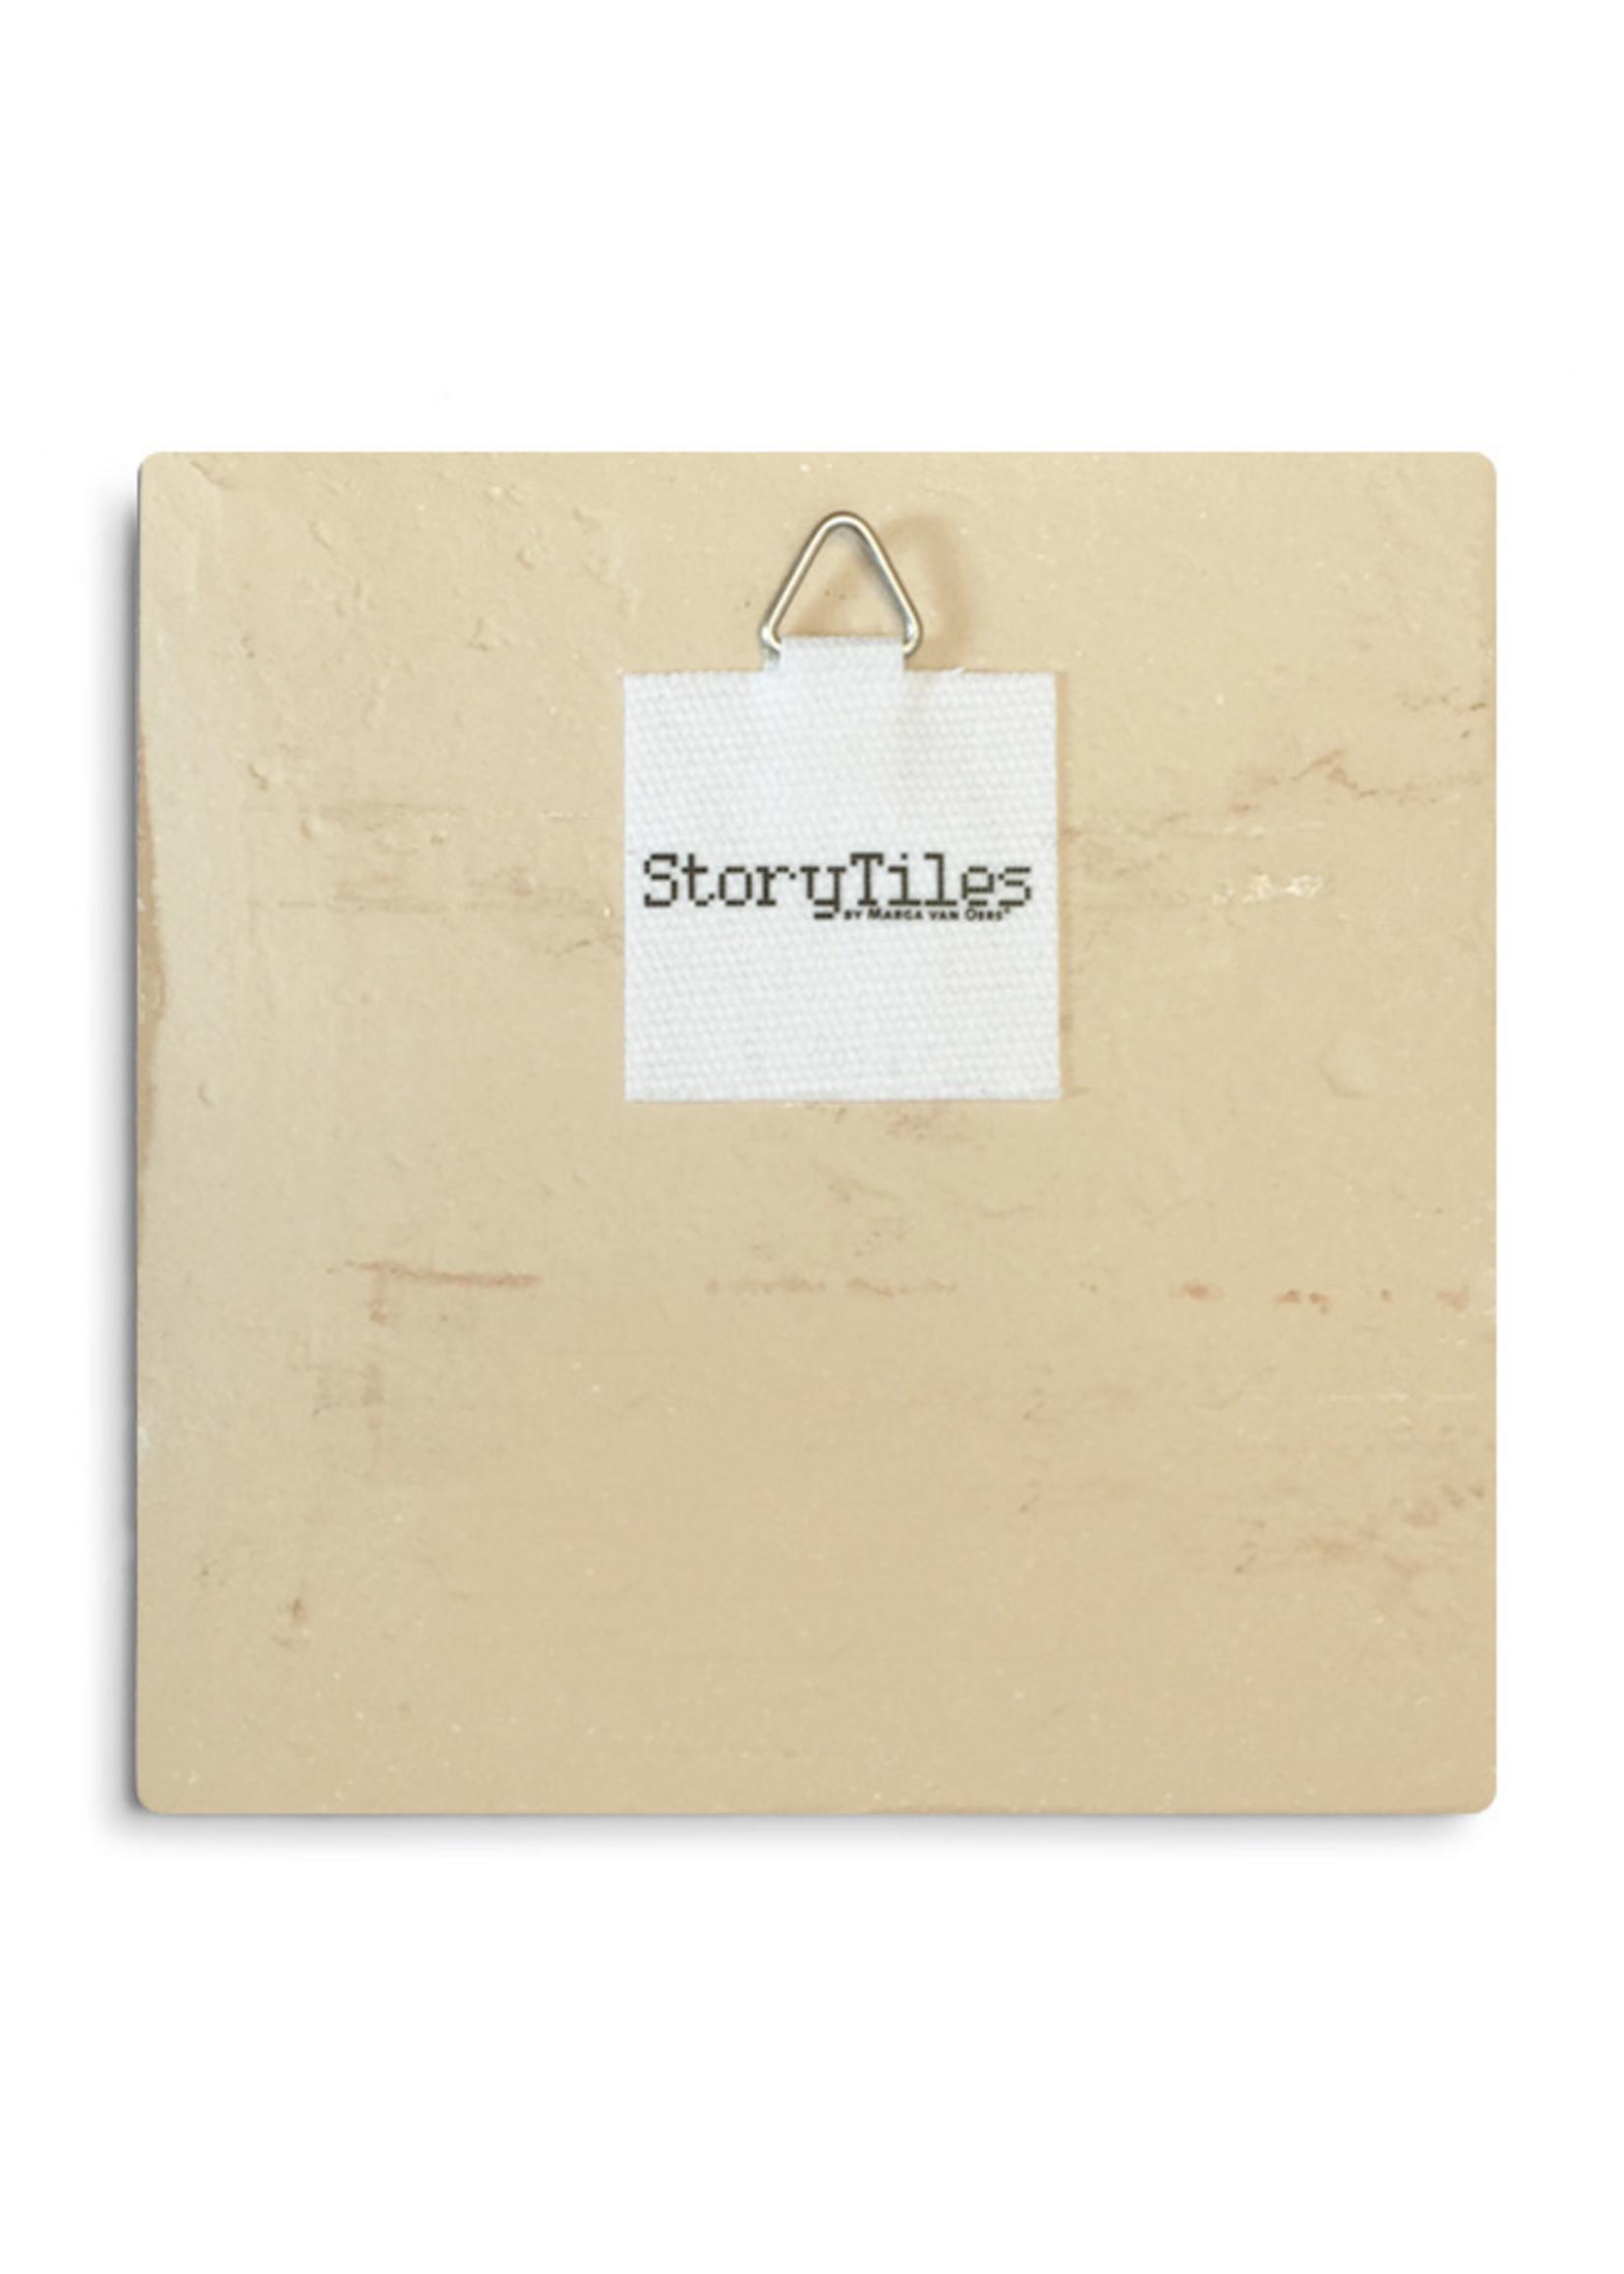 Storytiles Storytiles Achter de wolken schijnt de zon 13x13cm